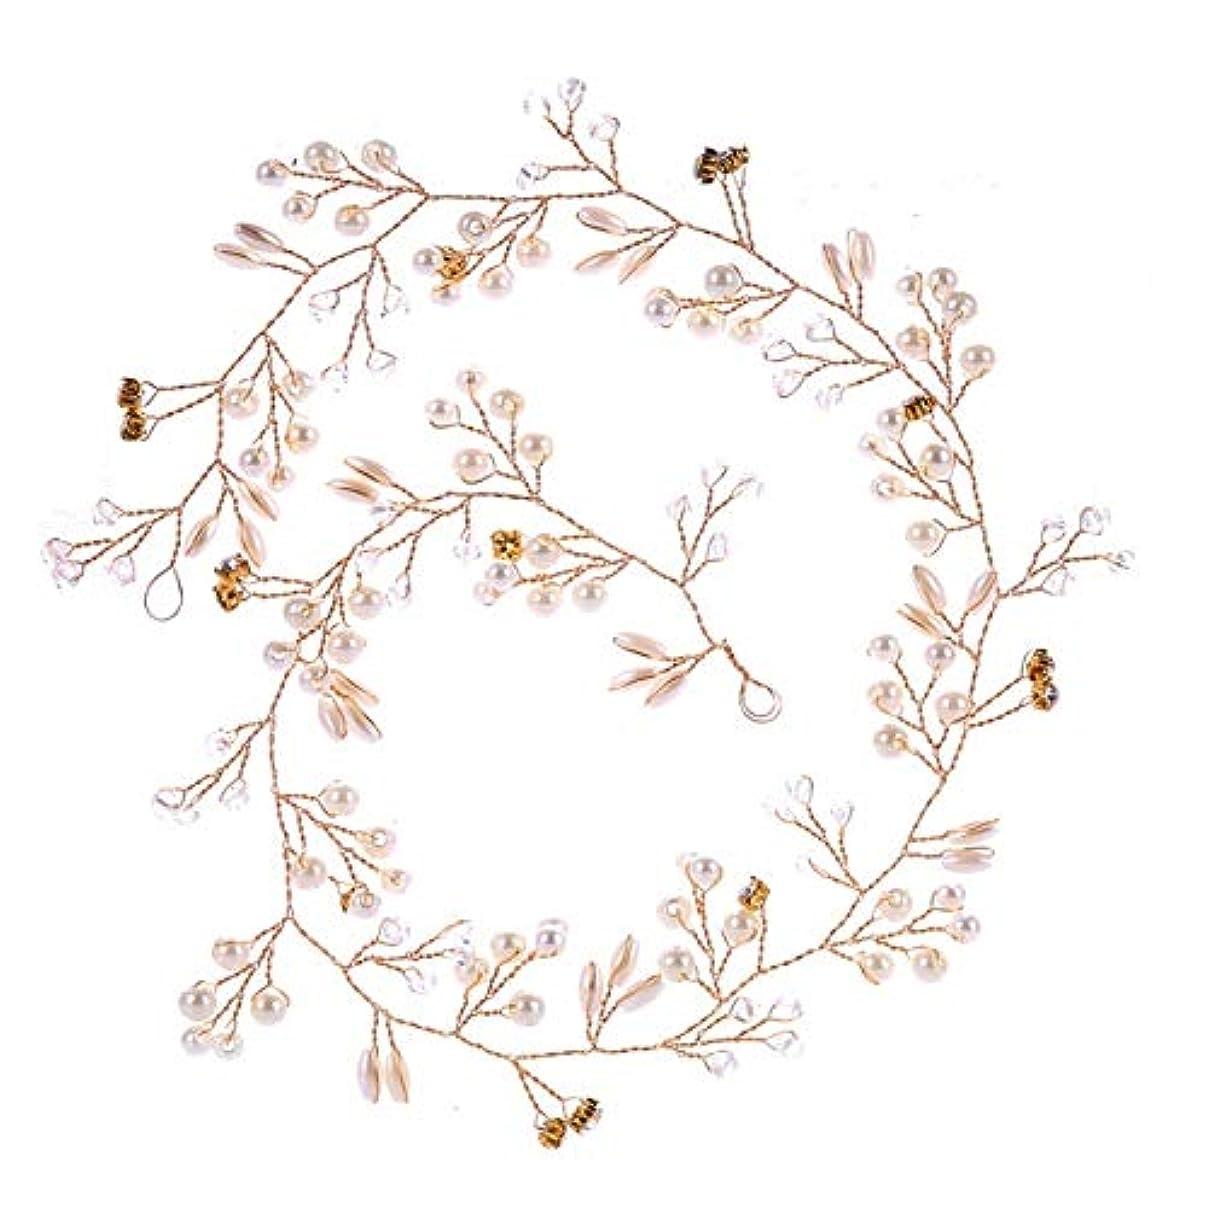 上院ポーチ中古フラワーヘアピンFlowerHairpin YHM 50センチ結婚式のファッションヘッドドレス花嫁手作りの結婚式の王冠花パールヘアアクセサリーヘアピンの装飾品(ゴールド) (色 : Gold)